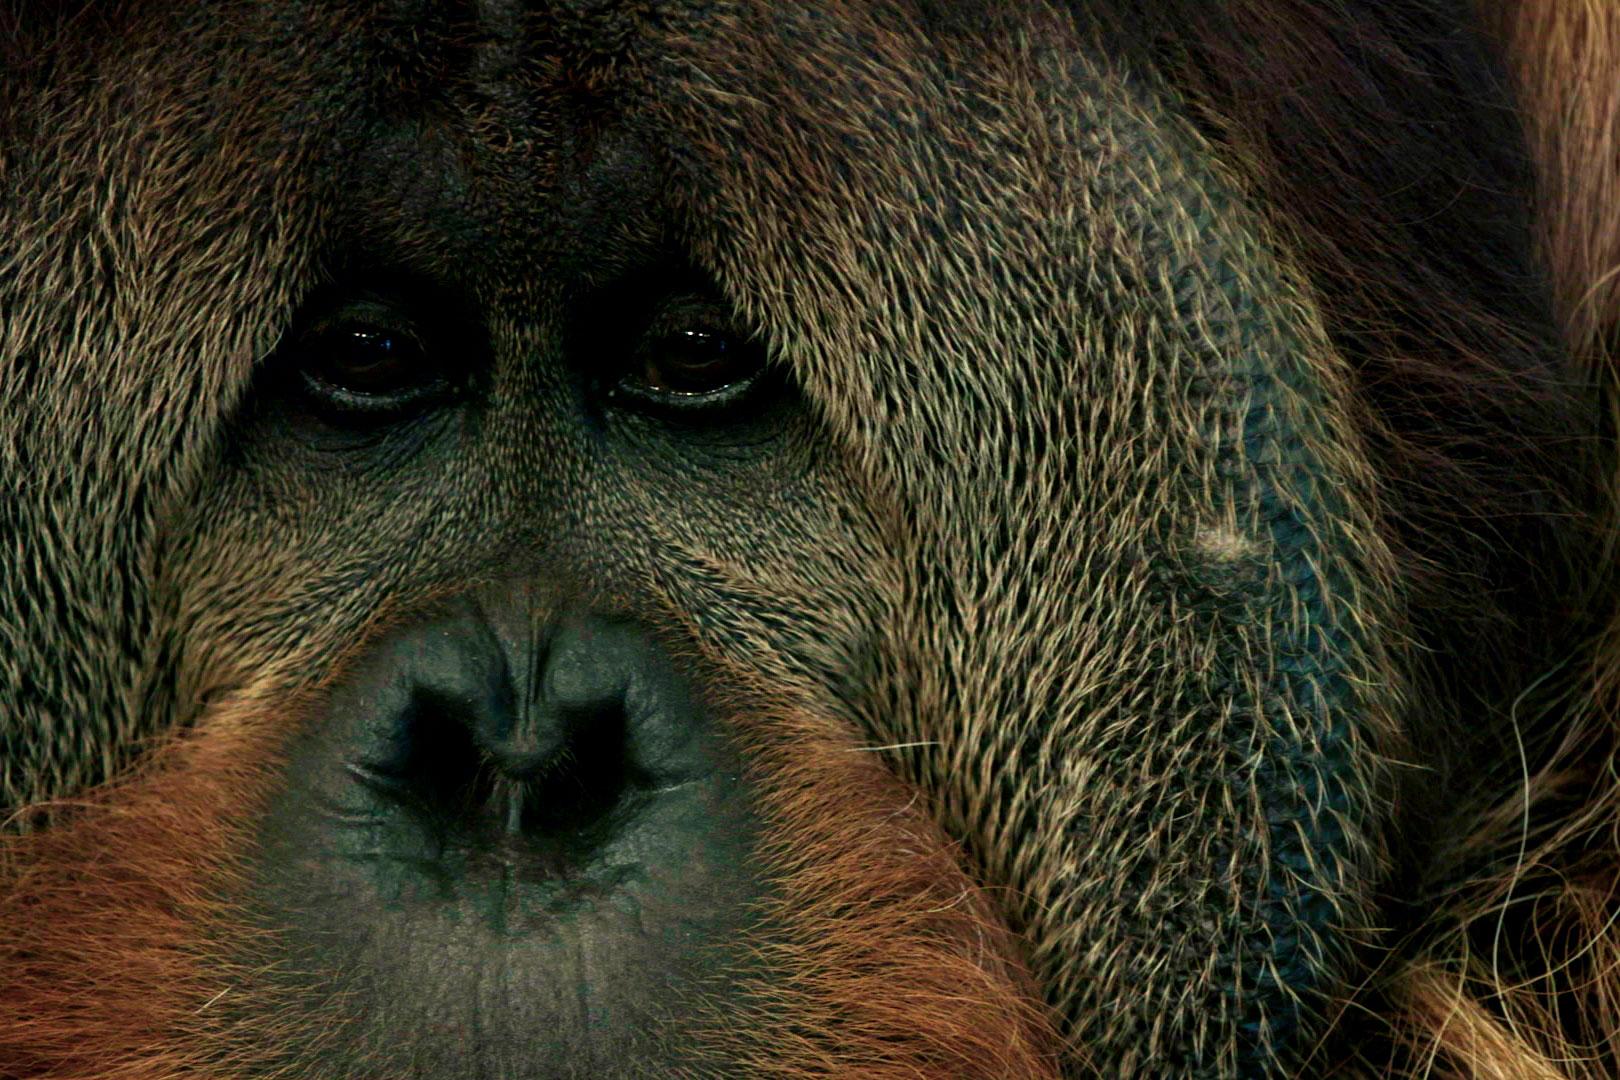 Close-up shot of an orangutan